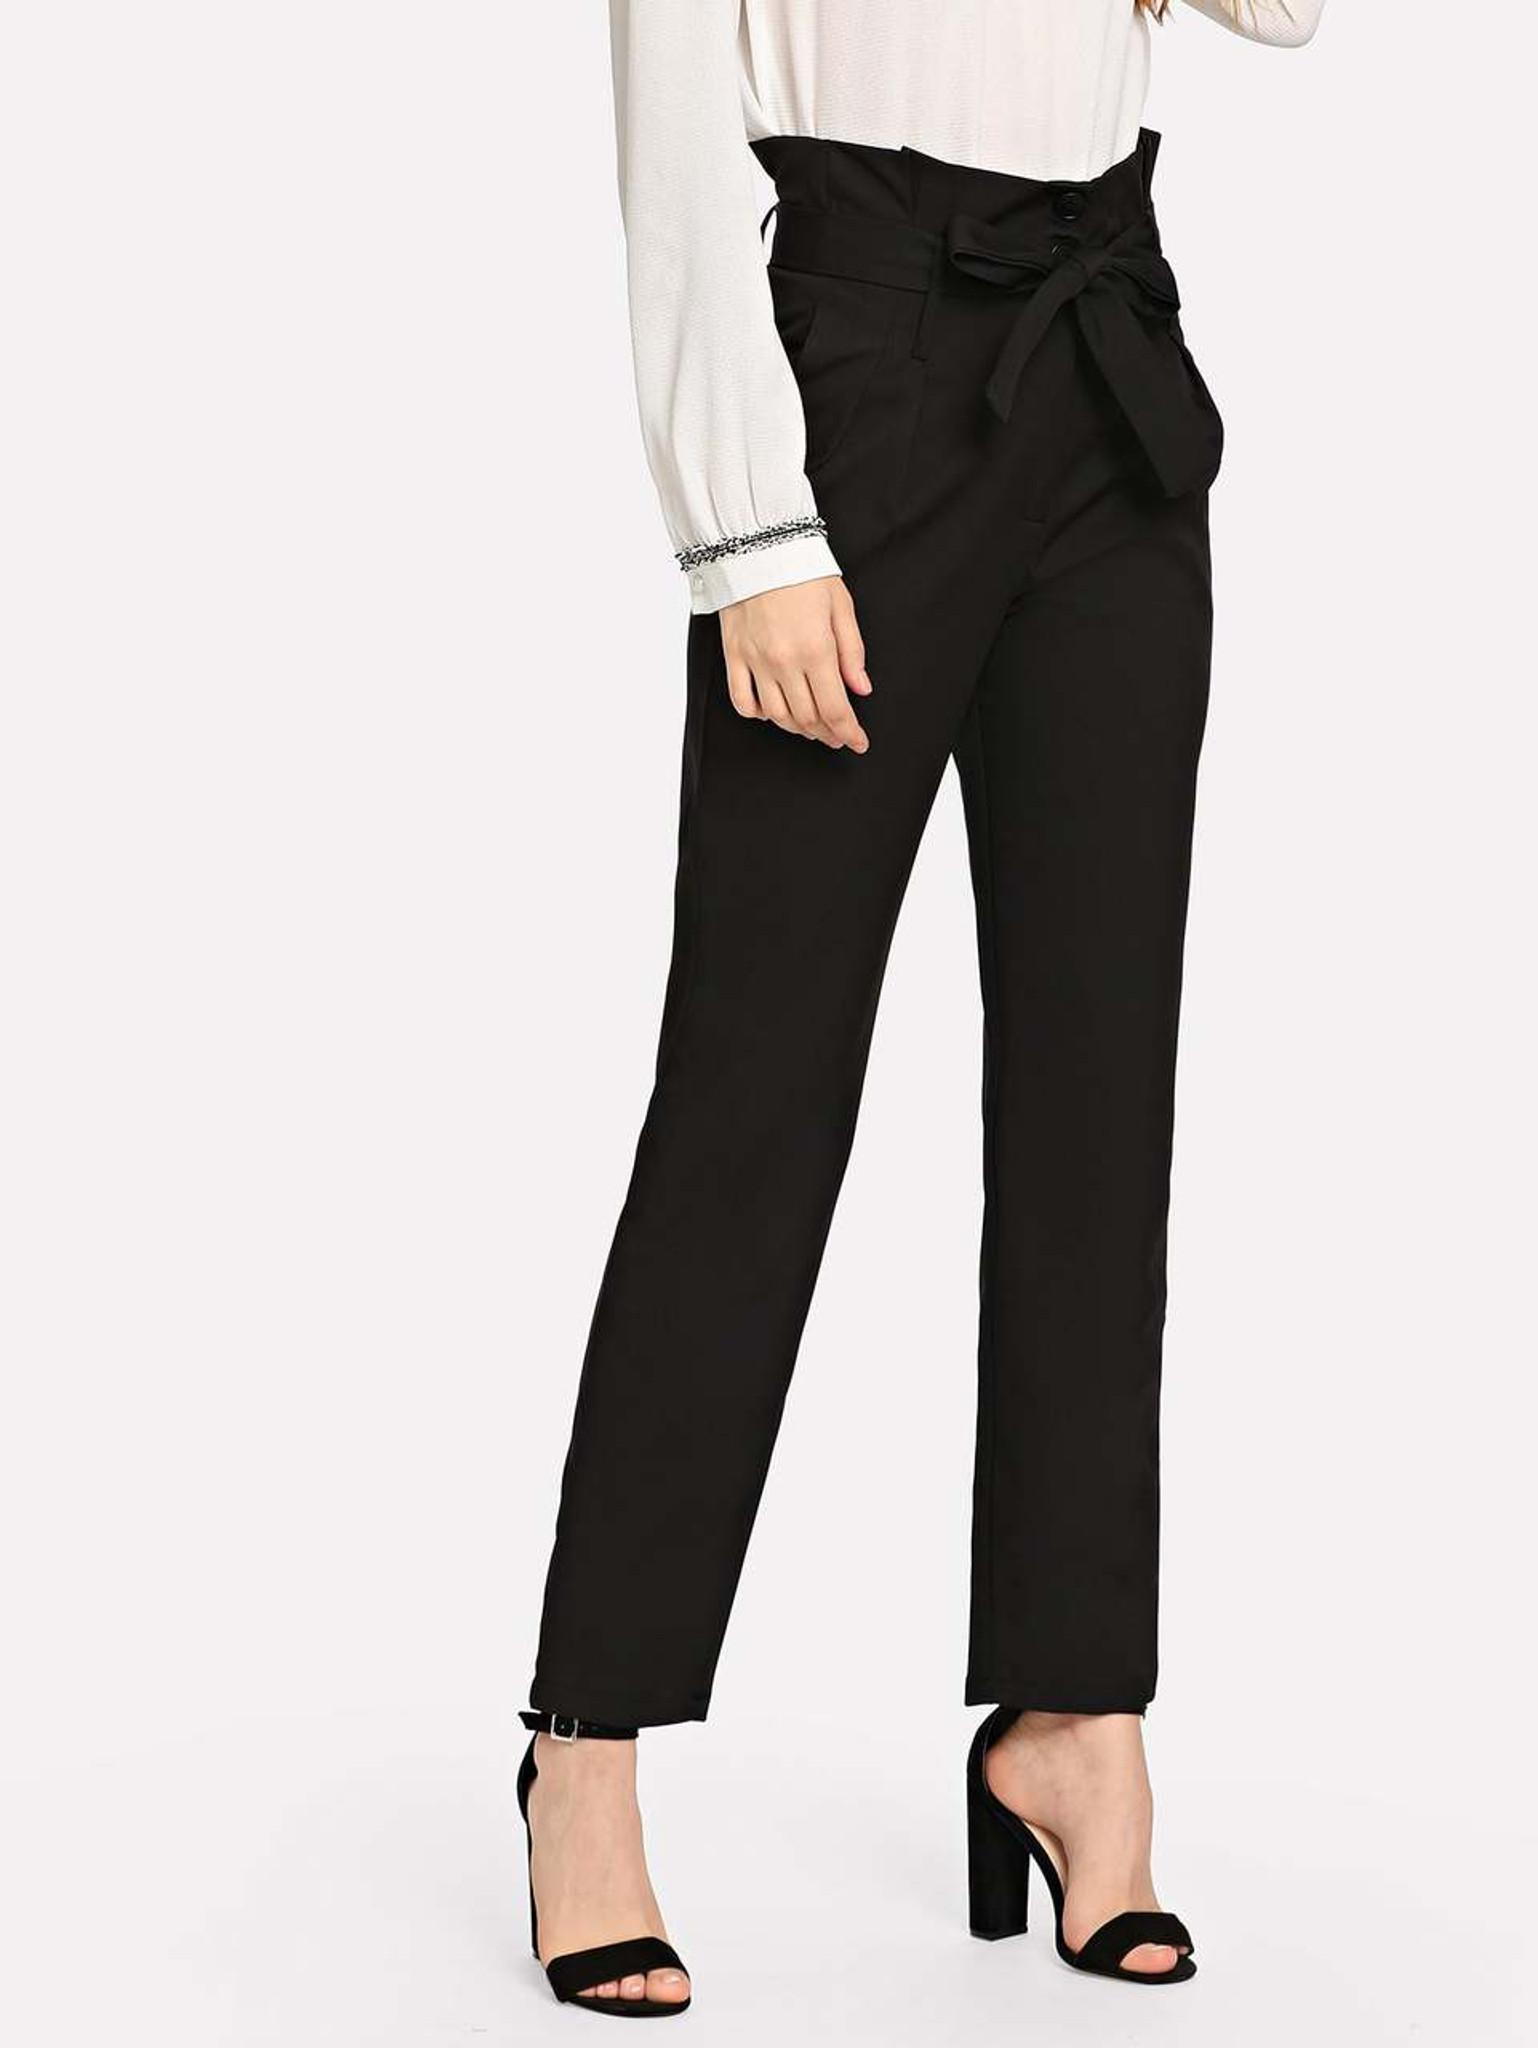 Fifth Avenue Women's JIKSP2 Tie Waist Frill Pants - Black